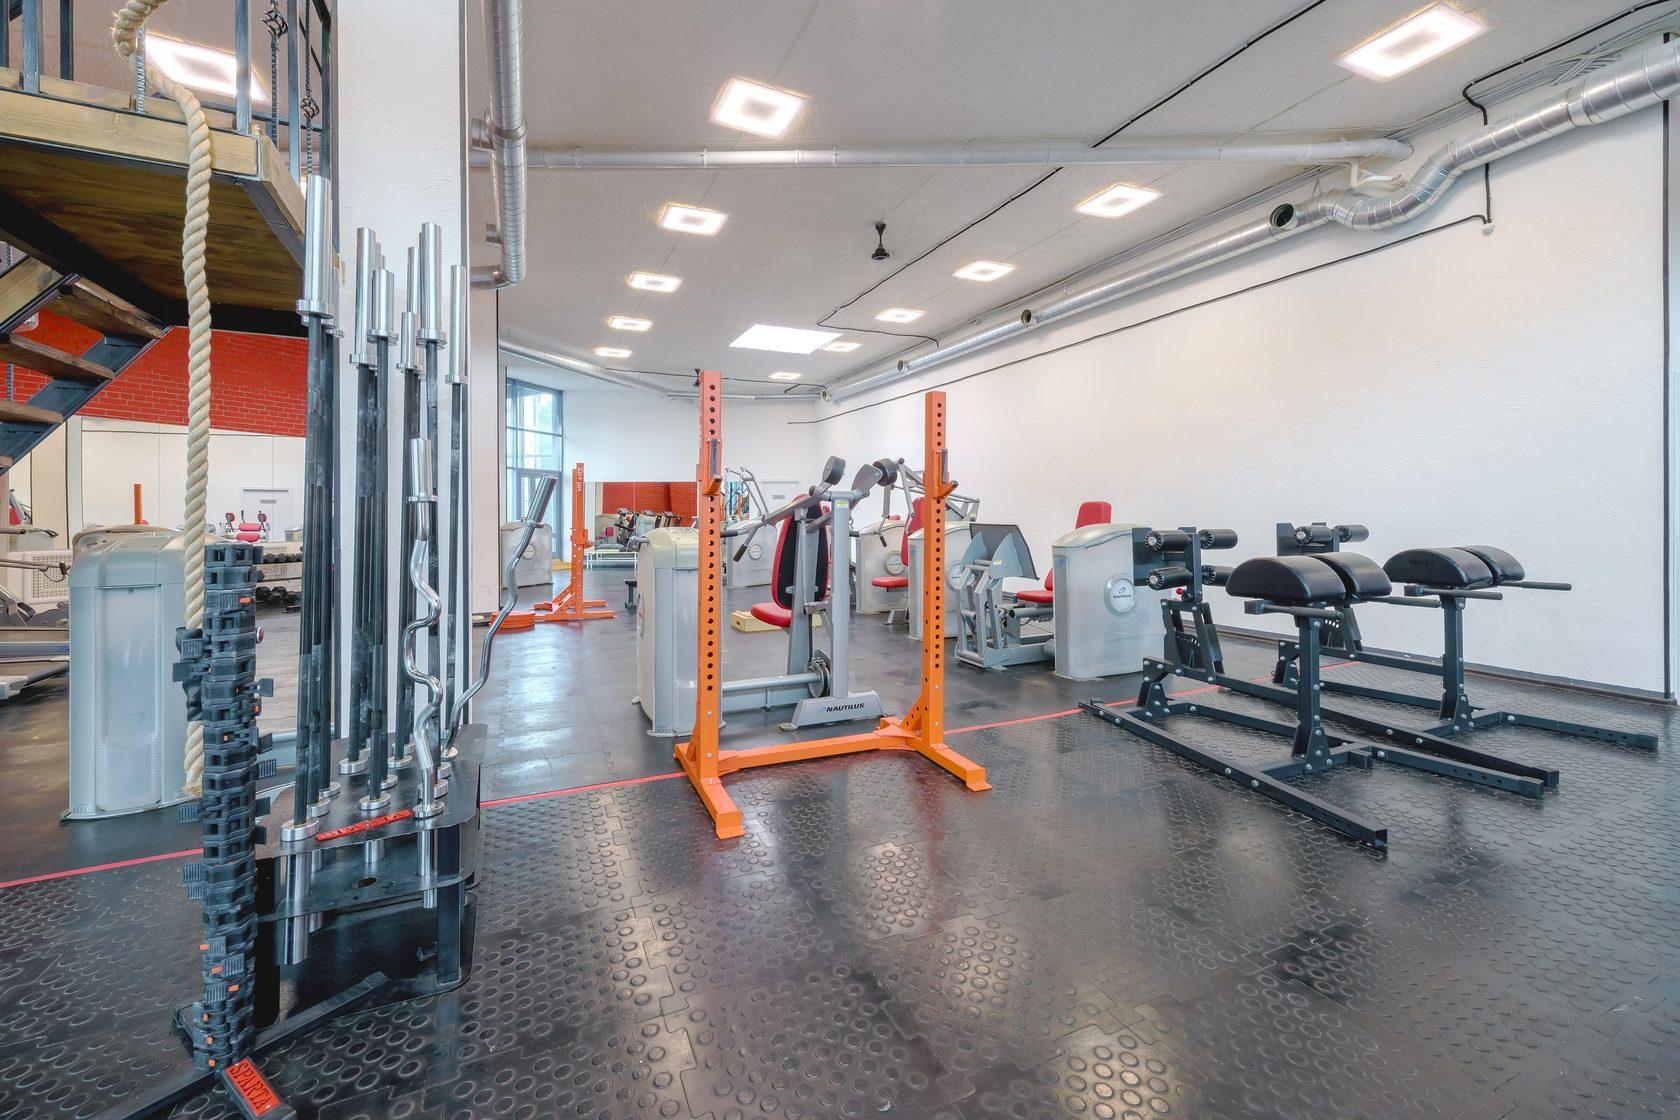 Российский рынок фитнес-услуг постоянно растет, и каждый владелец спортивного заведения активно привлекает аудиторию, создавая конкурентоспособную среду и лучшие возможности для поддержания здоровья и духовного развития клиентов.